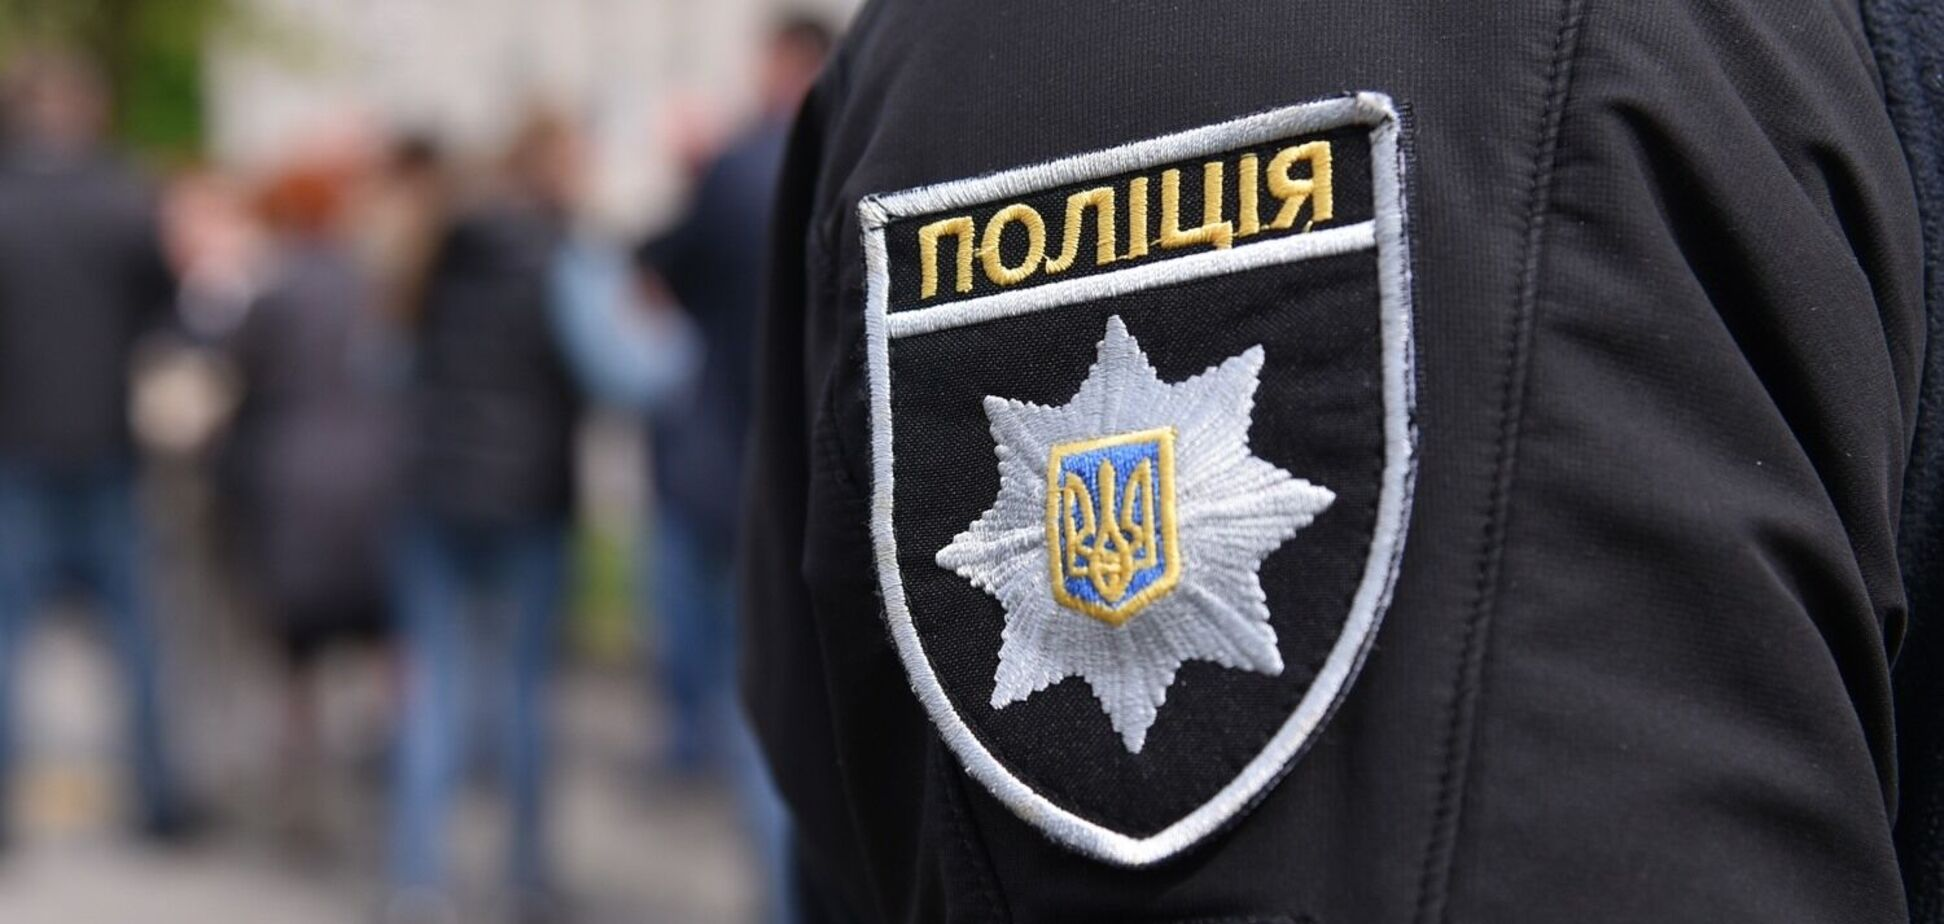 Под Кривым Рогом подстрелили 20-летнего парня: полиция объявила план 'Сирена'